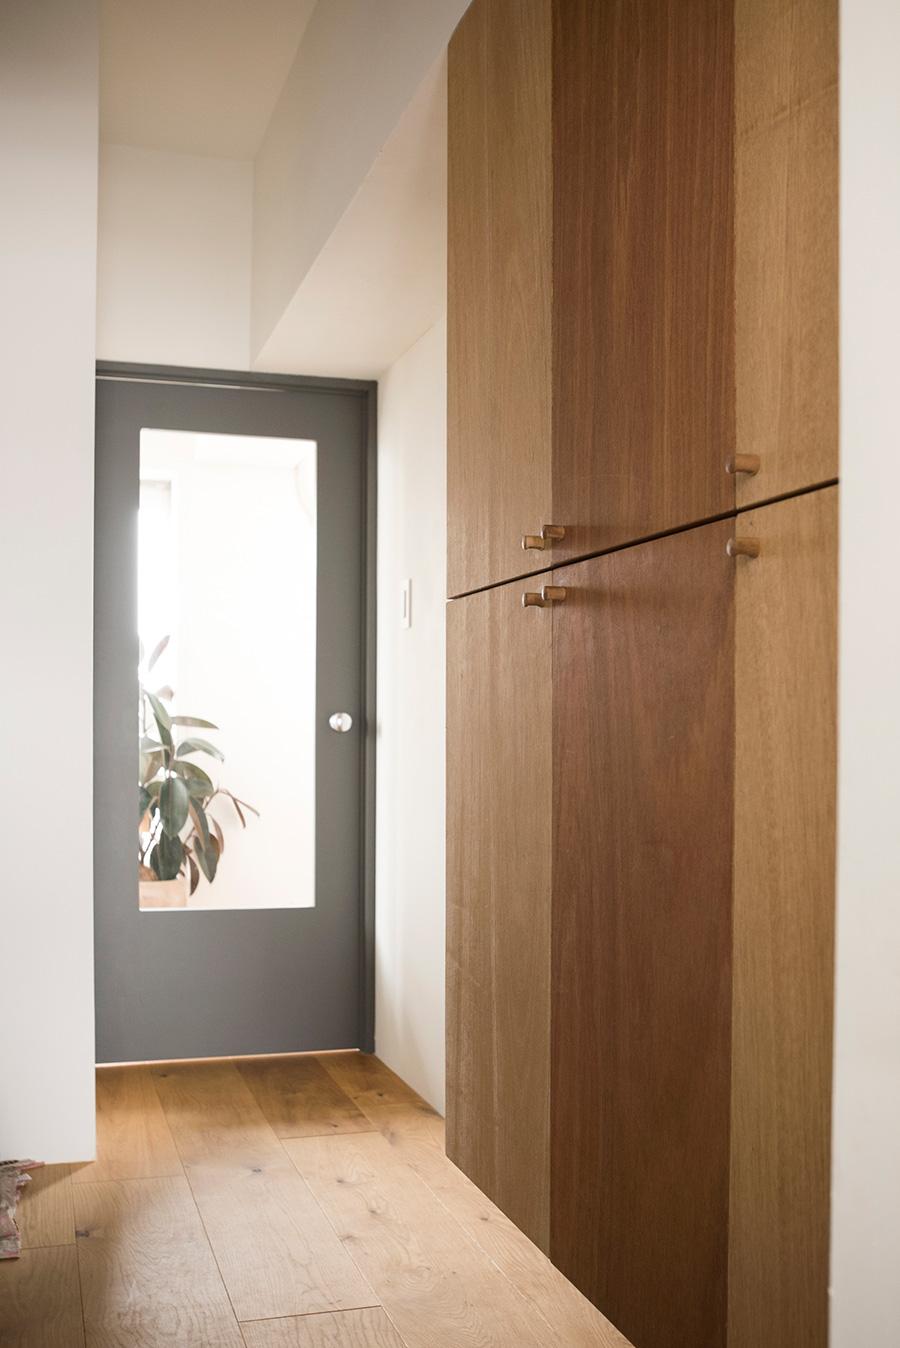 暗くなりがちな玄関に続く廊下には、ガラスを入れたドアを選んで光の通り道を確保。靴箱もラワンで造作。不揃いな木の色を逆に活かしたデザインに。